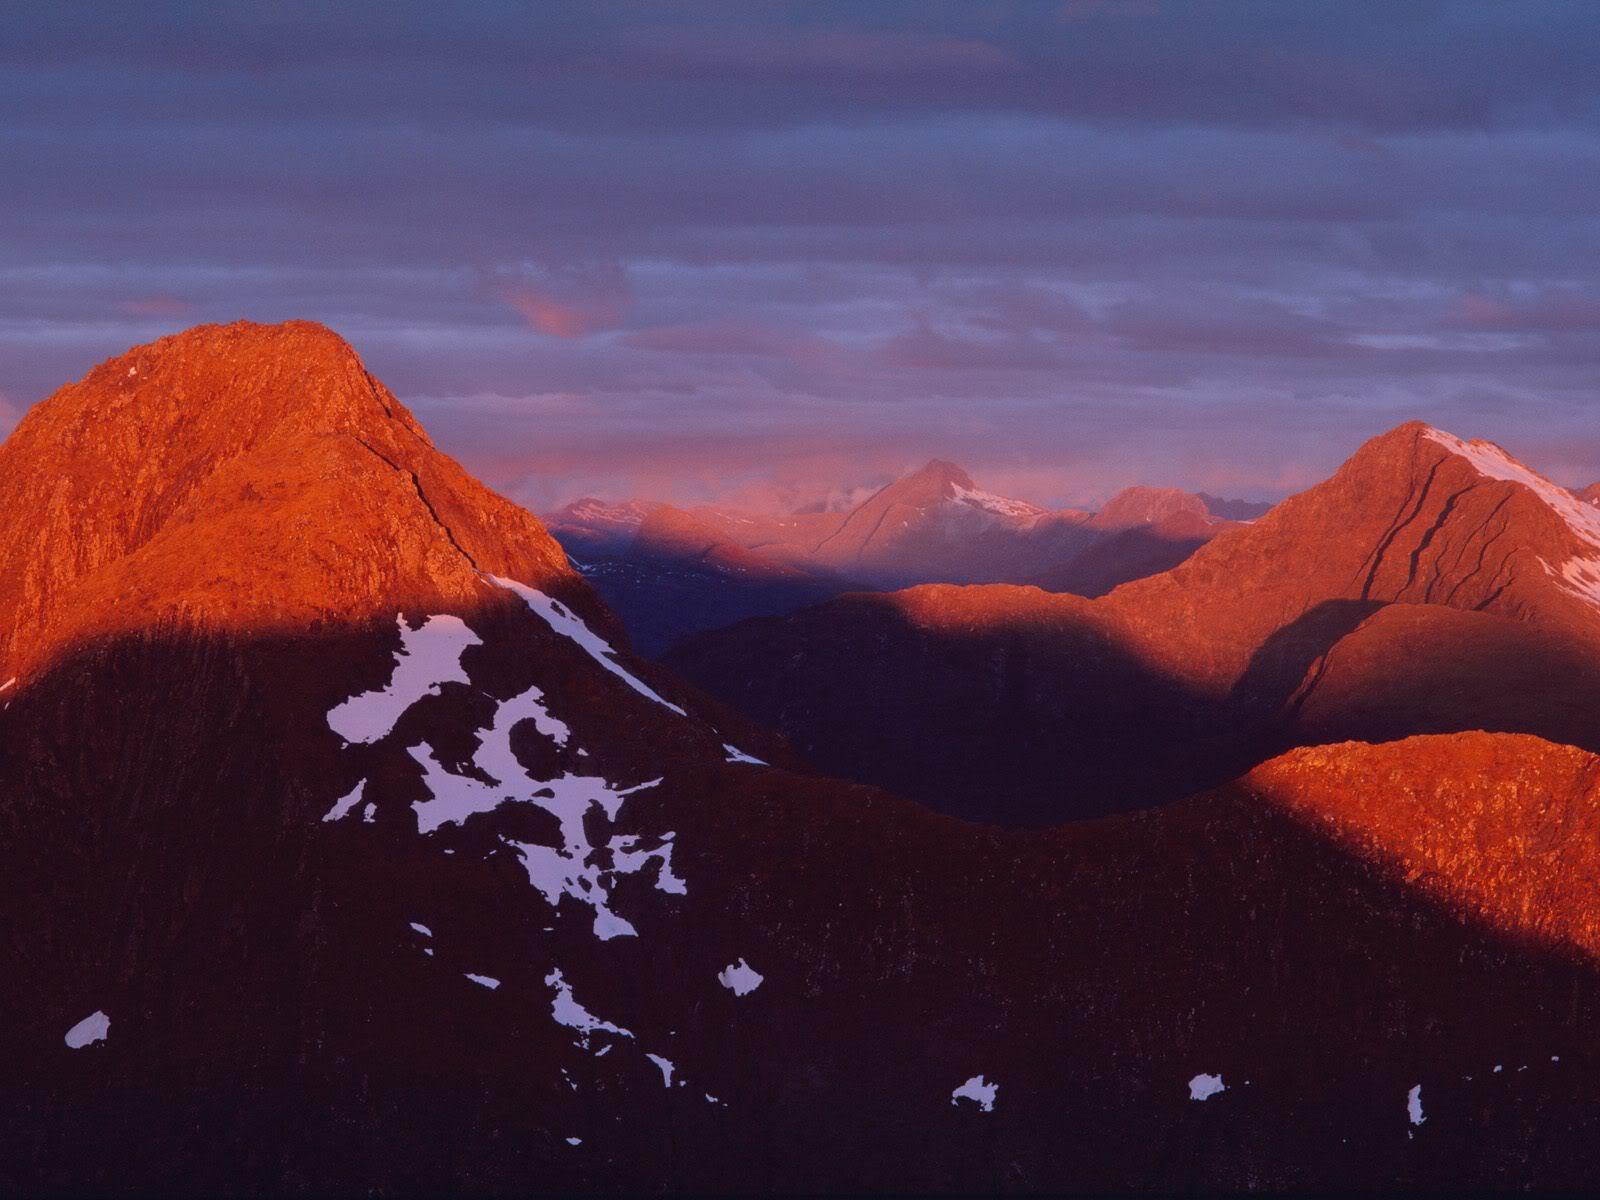 நான் ரசித்த இயற்கை காட்சில் சில உங்களுக்காக....1 - Page 2 FiordlandNationalParkNewZealand